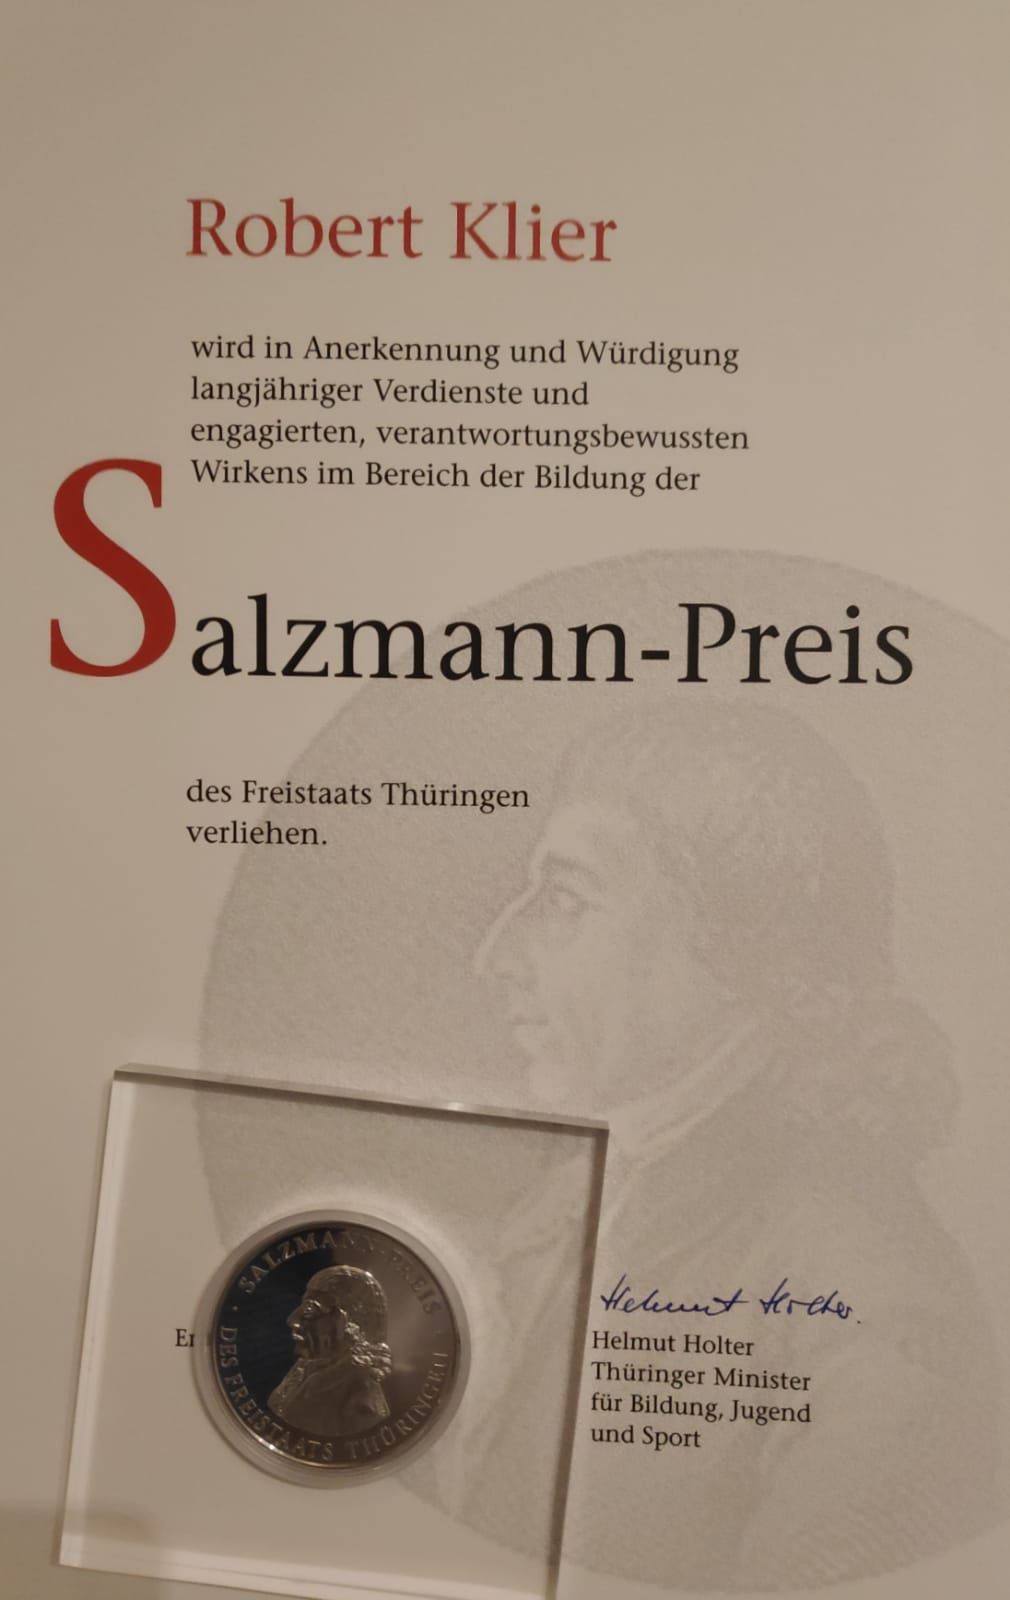 Auszeichnung Salzmannpreis